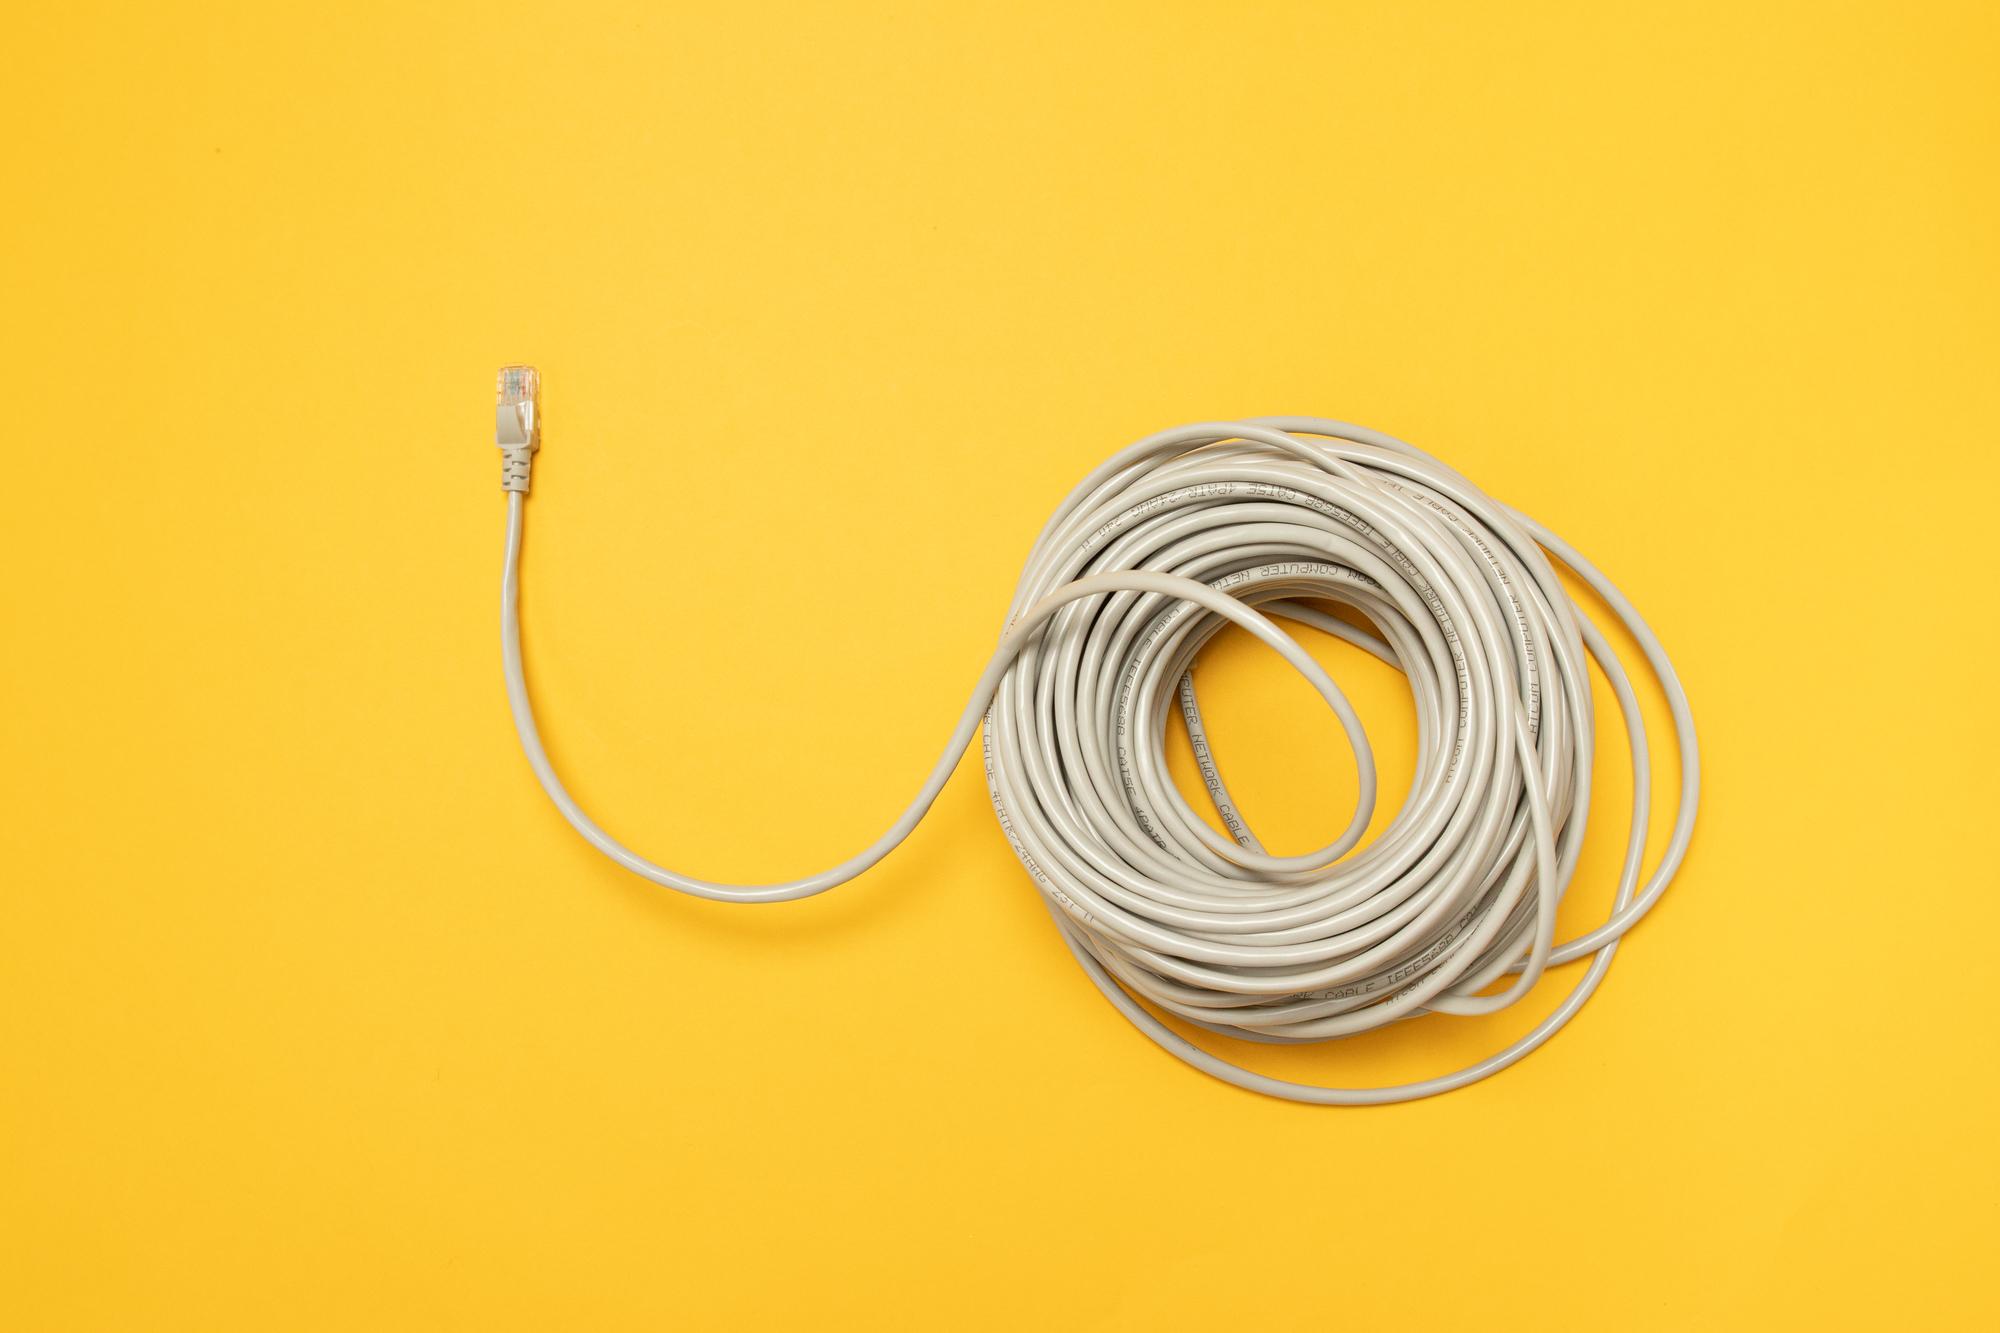 購入する前にチェックしよう!シーンごとLANケーブルのおすすめの長さ